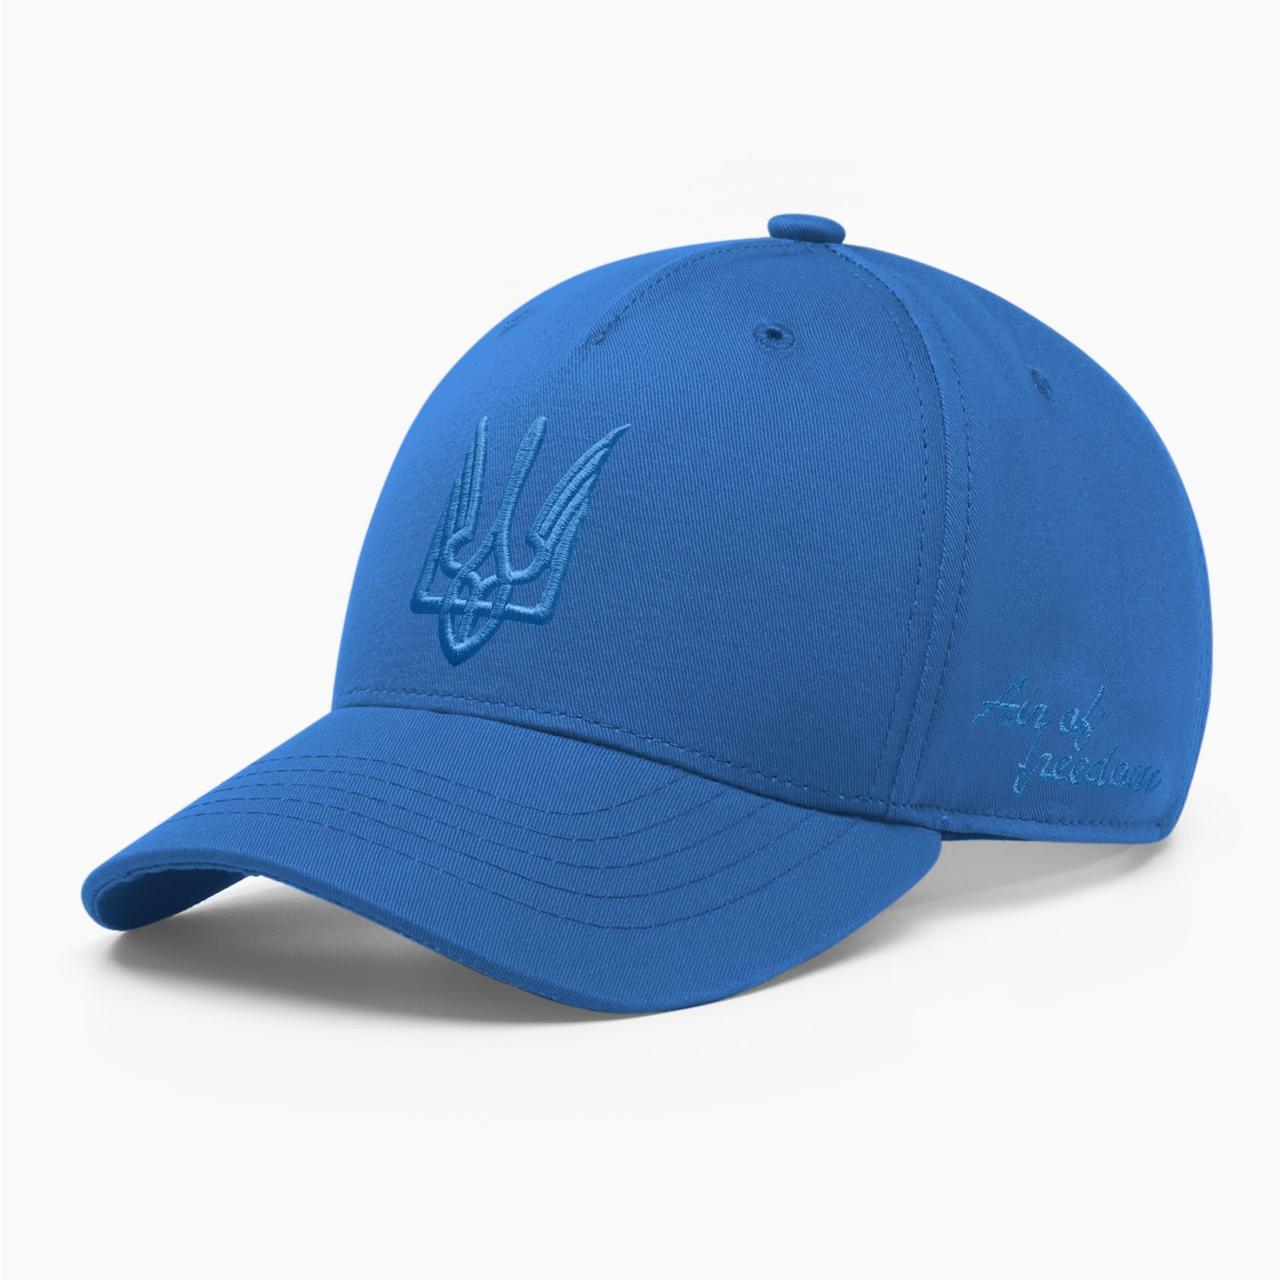 Детская кепка бейсболка INAL с тризубом стилизованным XS / 51-52 RU Синий 243251